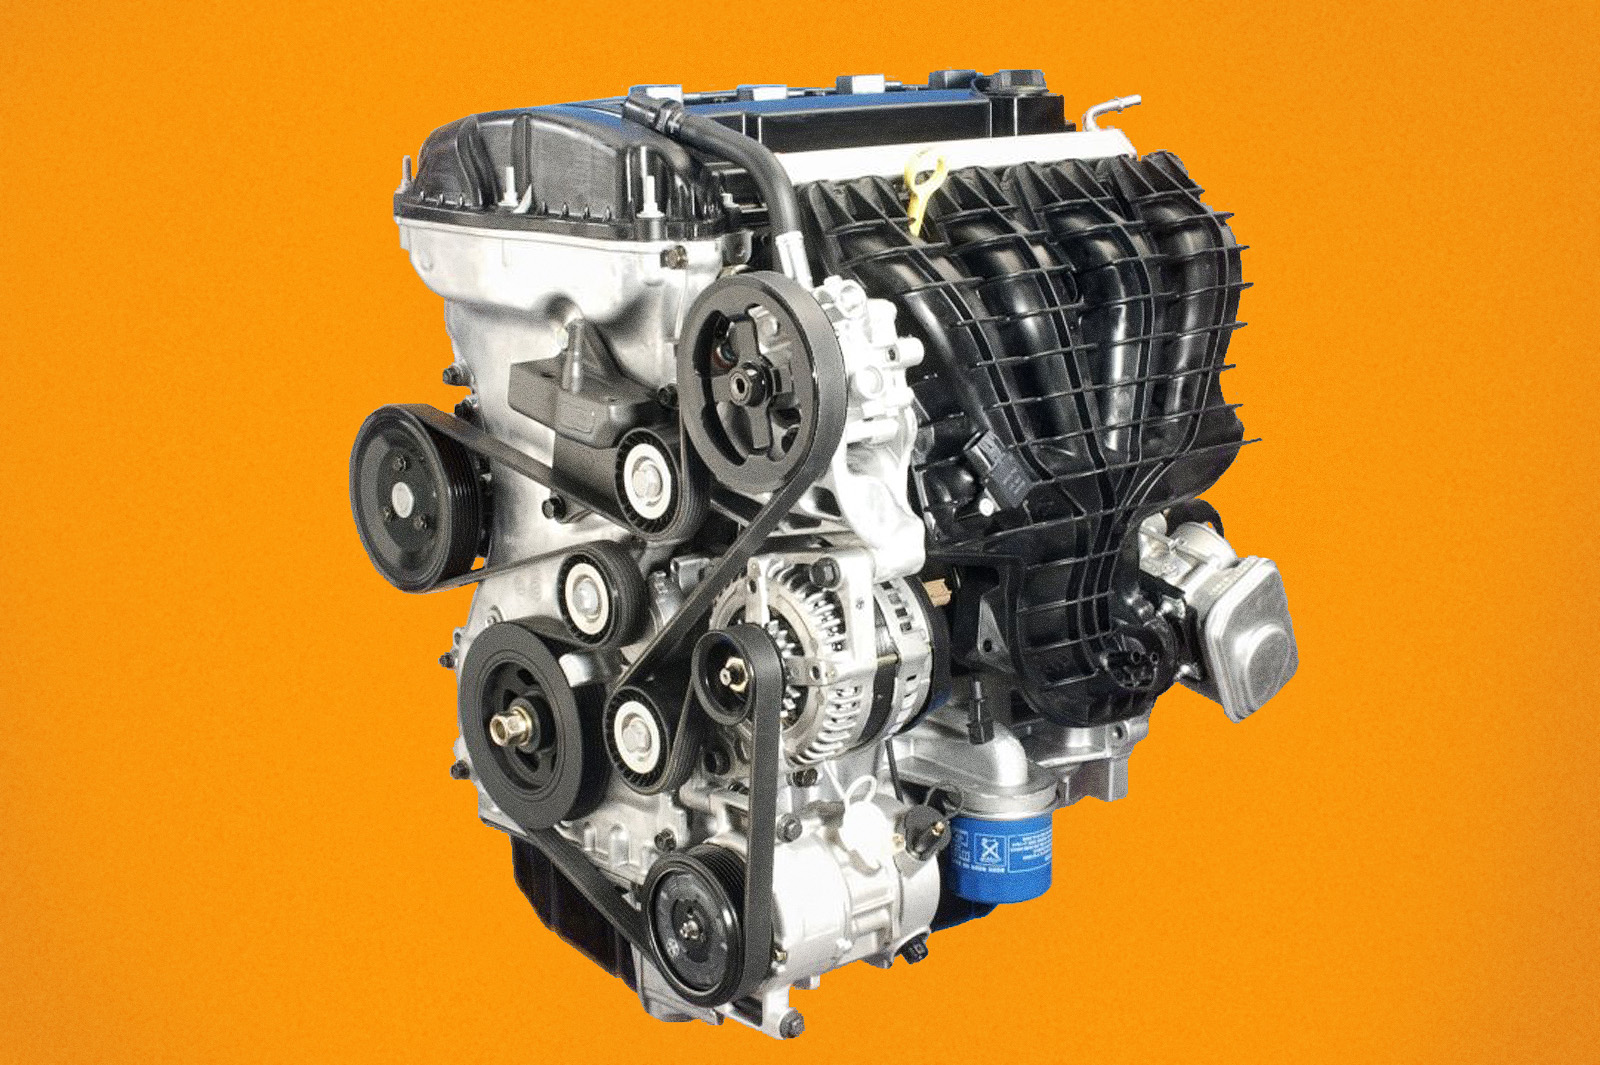 Двигатель со стороны навесного оборудования